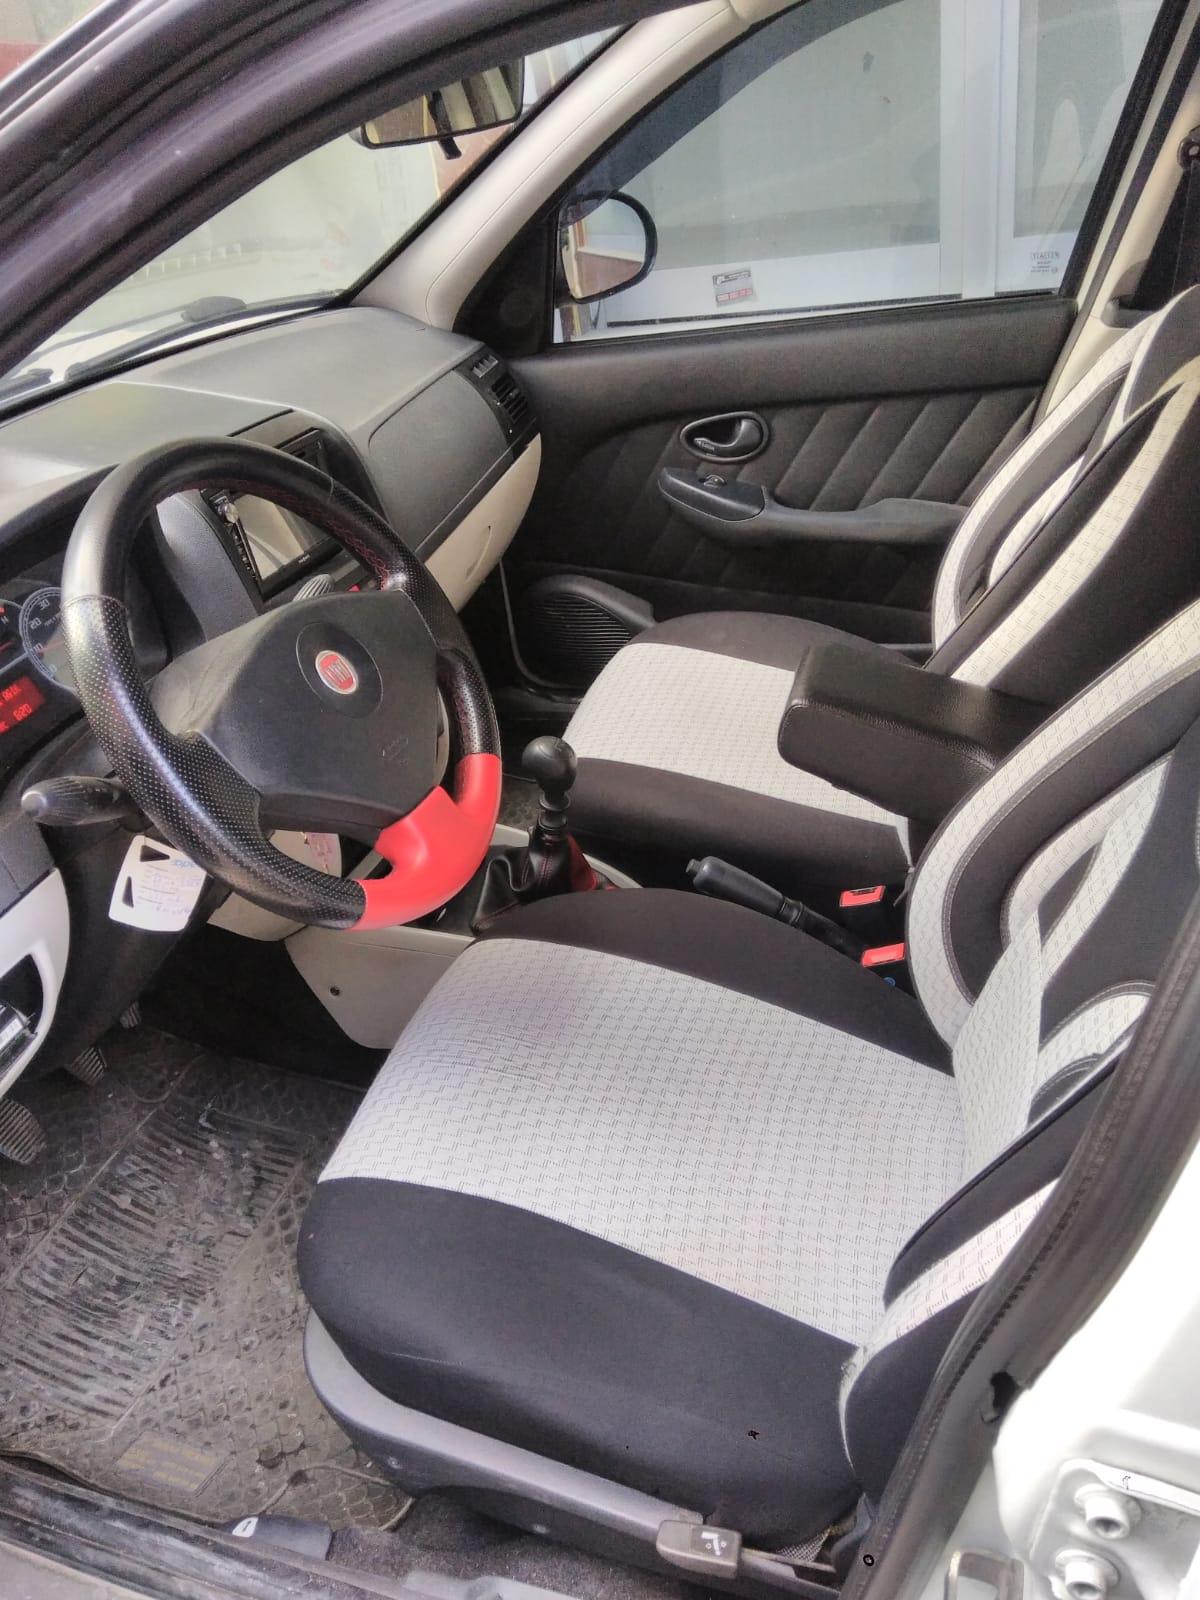 FIAT Albea 2011 Model Dizel Manuel Vites Kiralik Araç - 6DBE